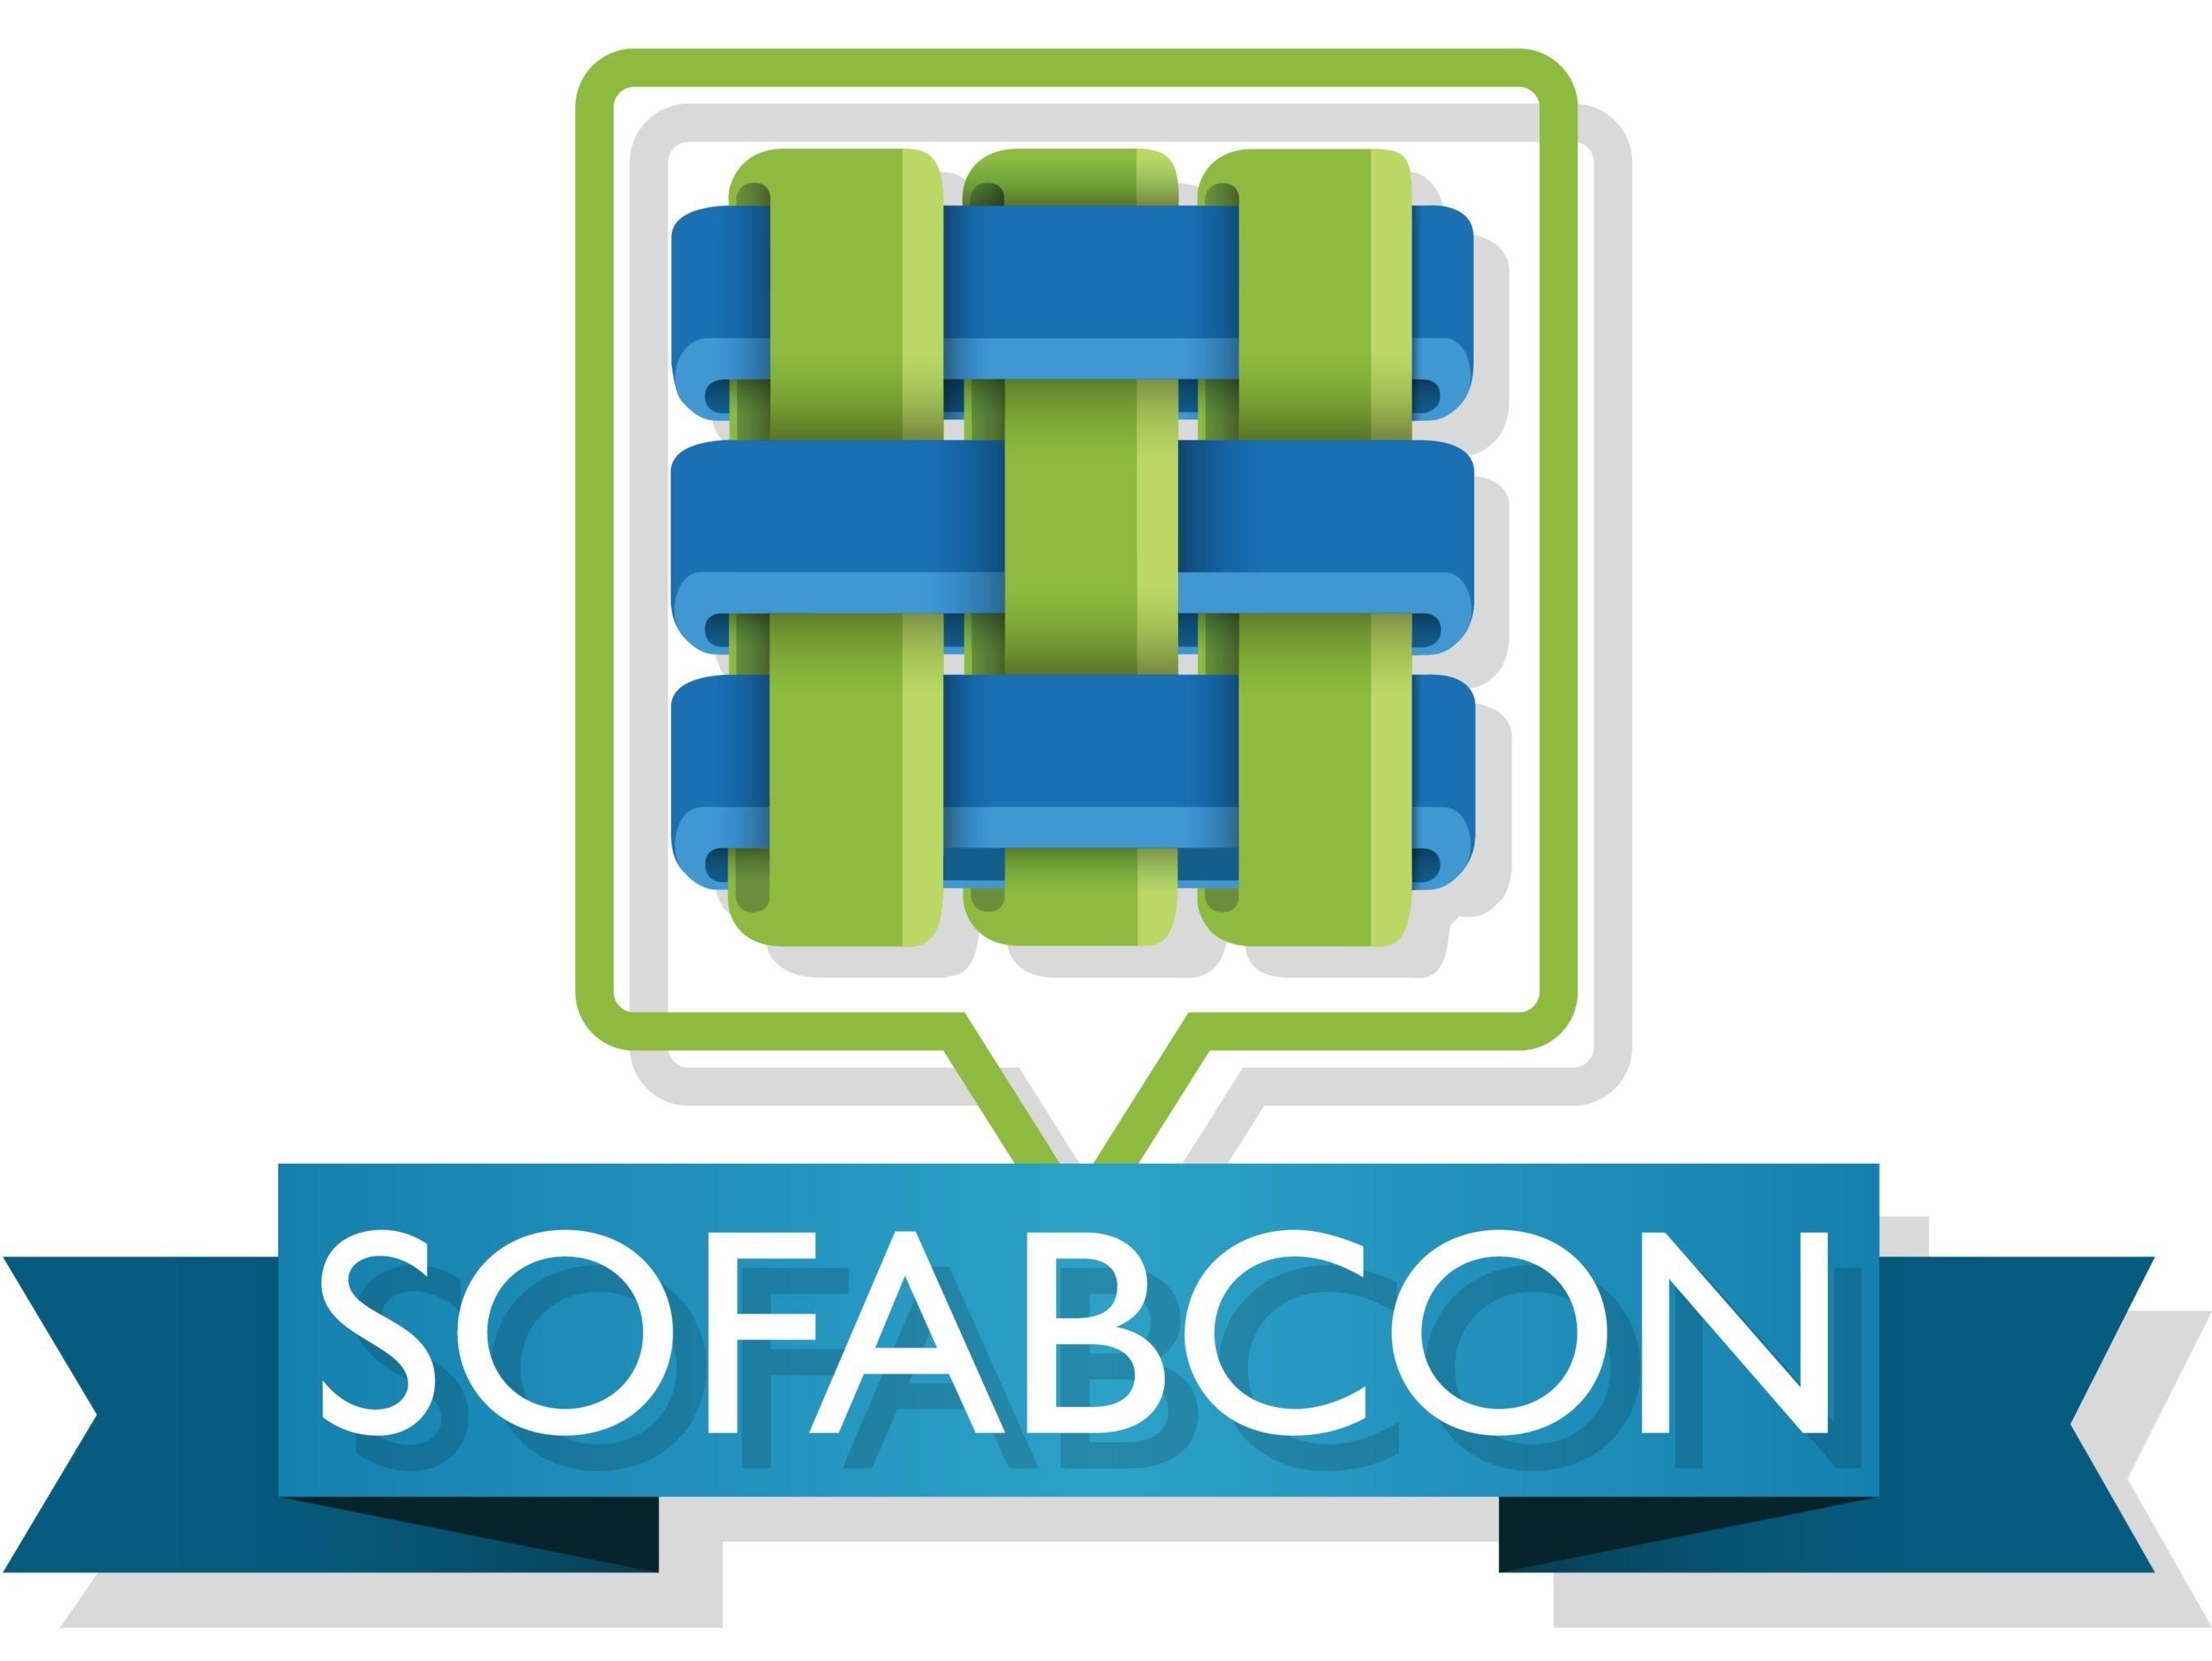 SoFabCon (PRNewsFoto/Collective Bias) (PRNewsFoto/Collective Bias)